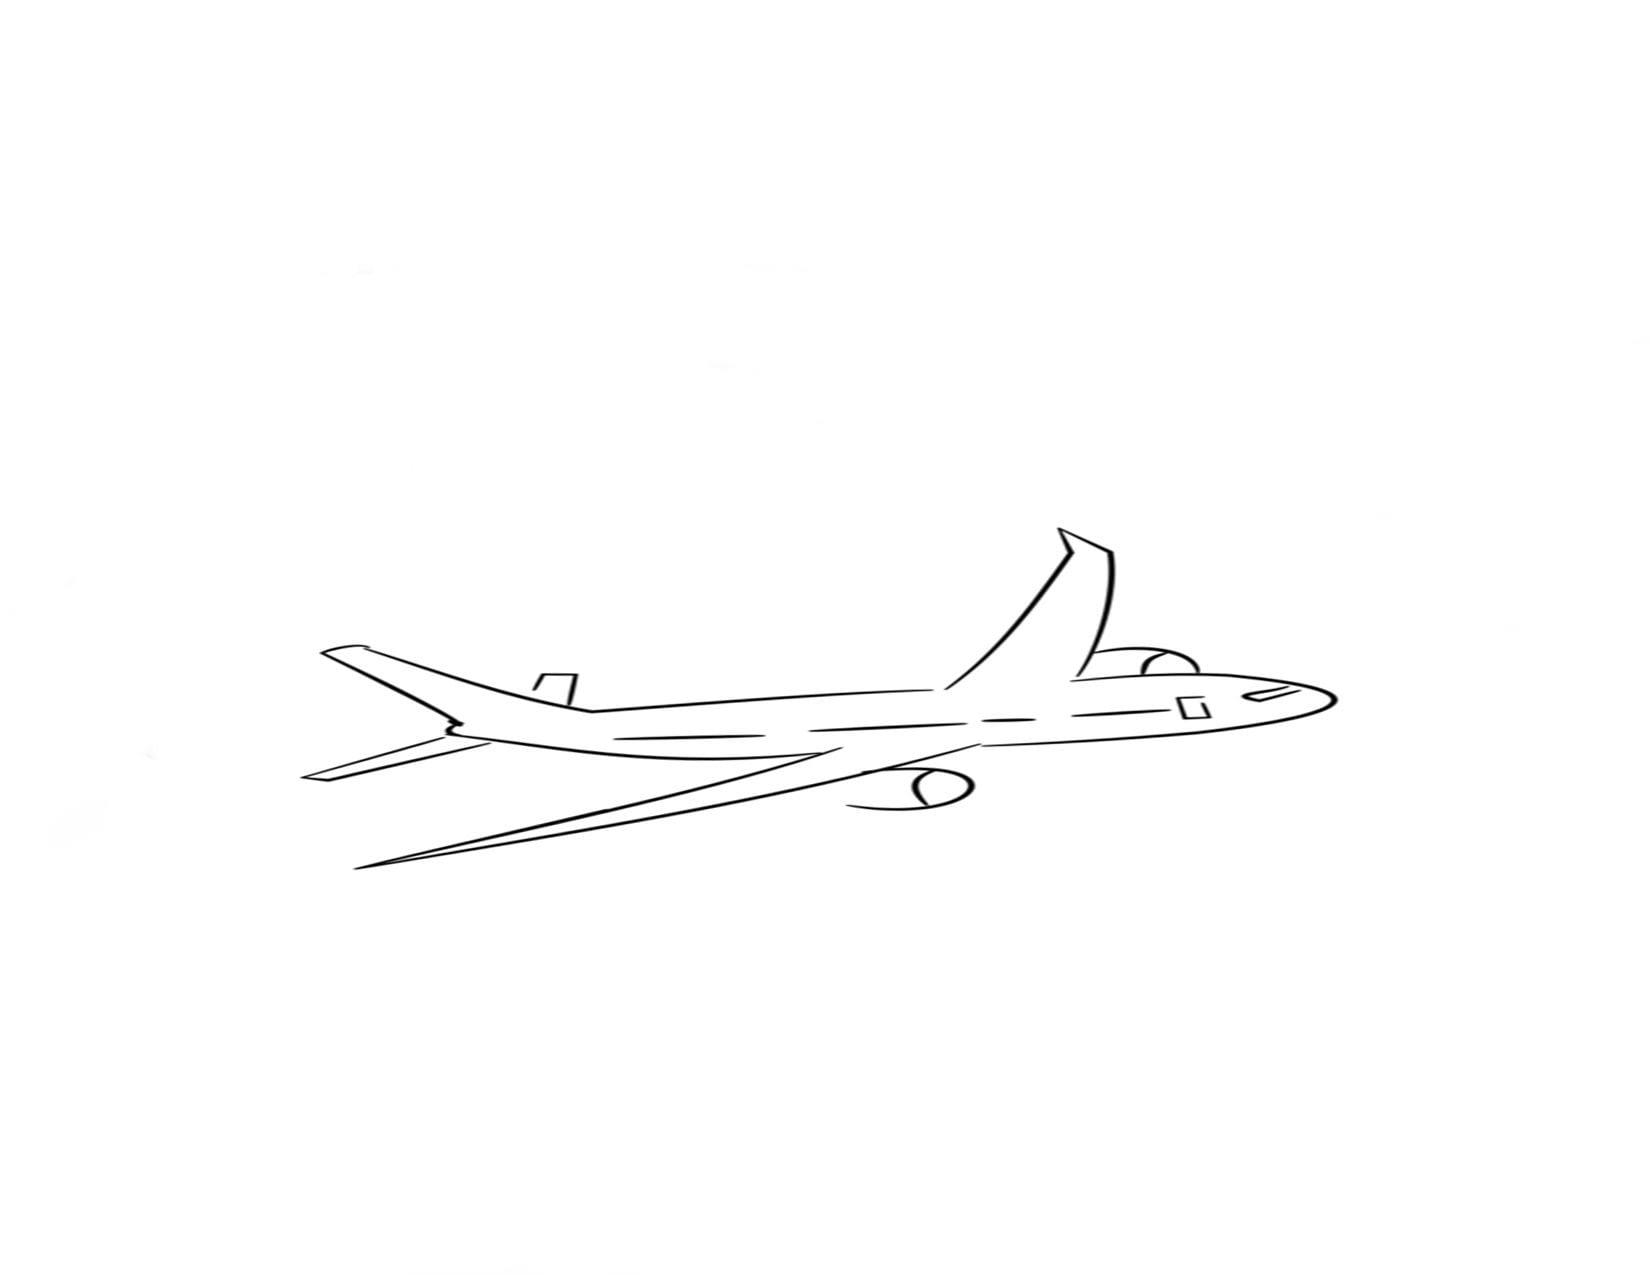 avión explicando la relatividad de las distancias y el moimiento